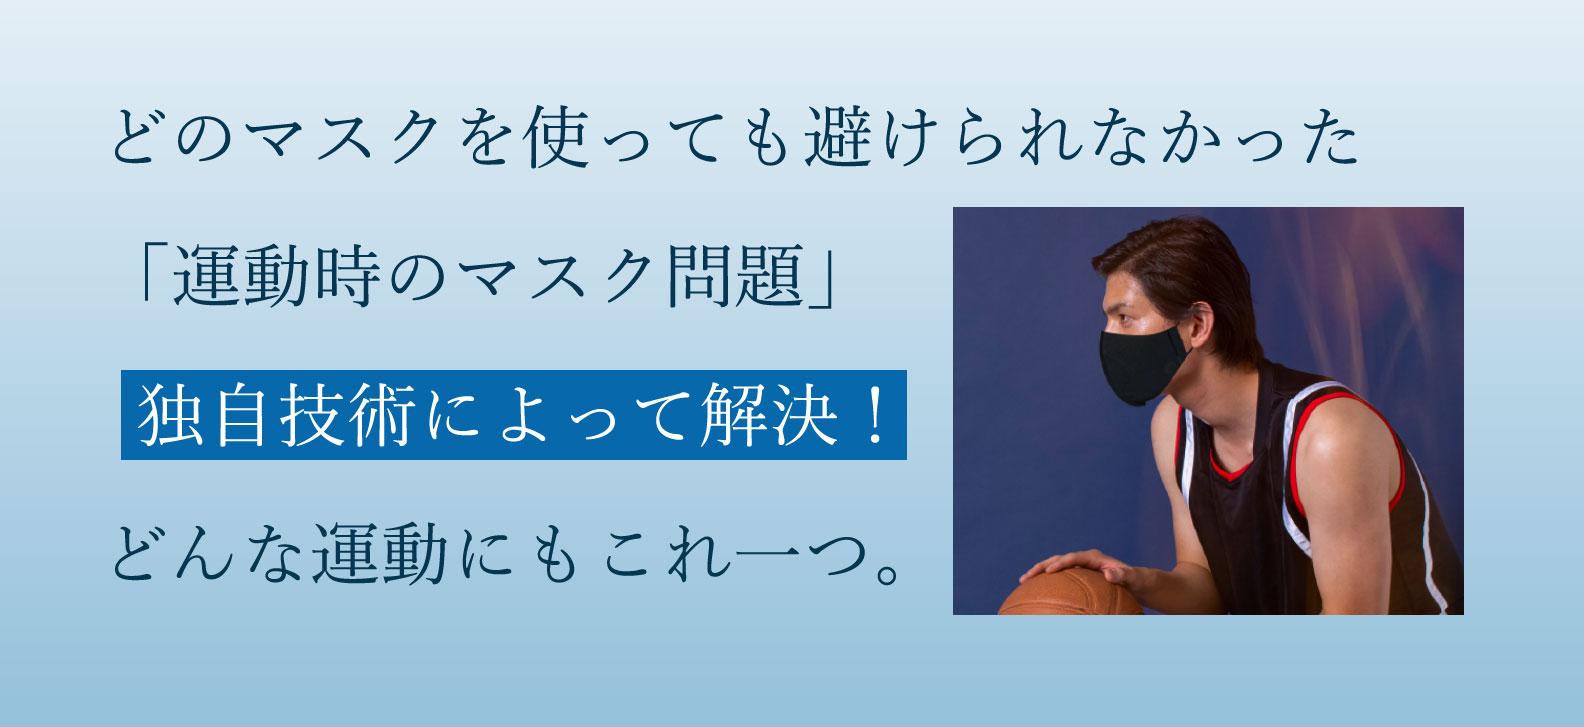 運動時のマスク問題を独自技術で解決